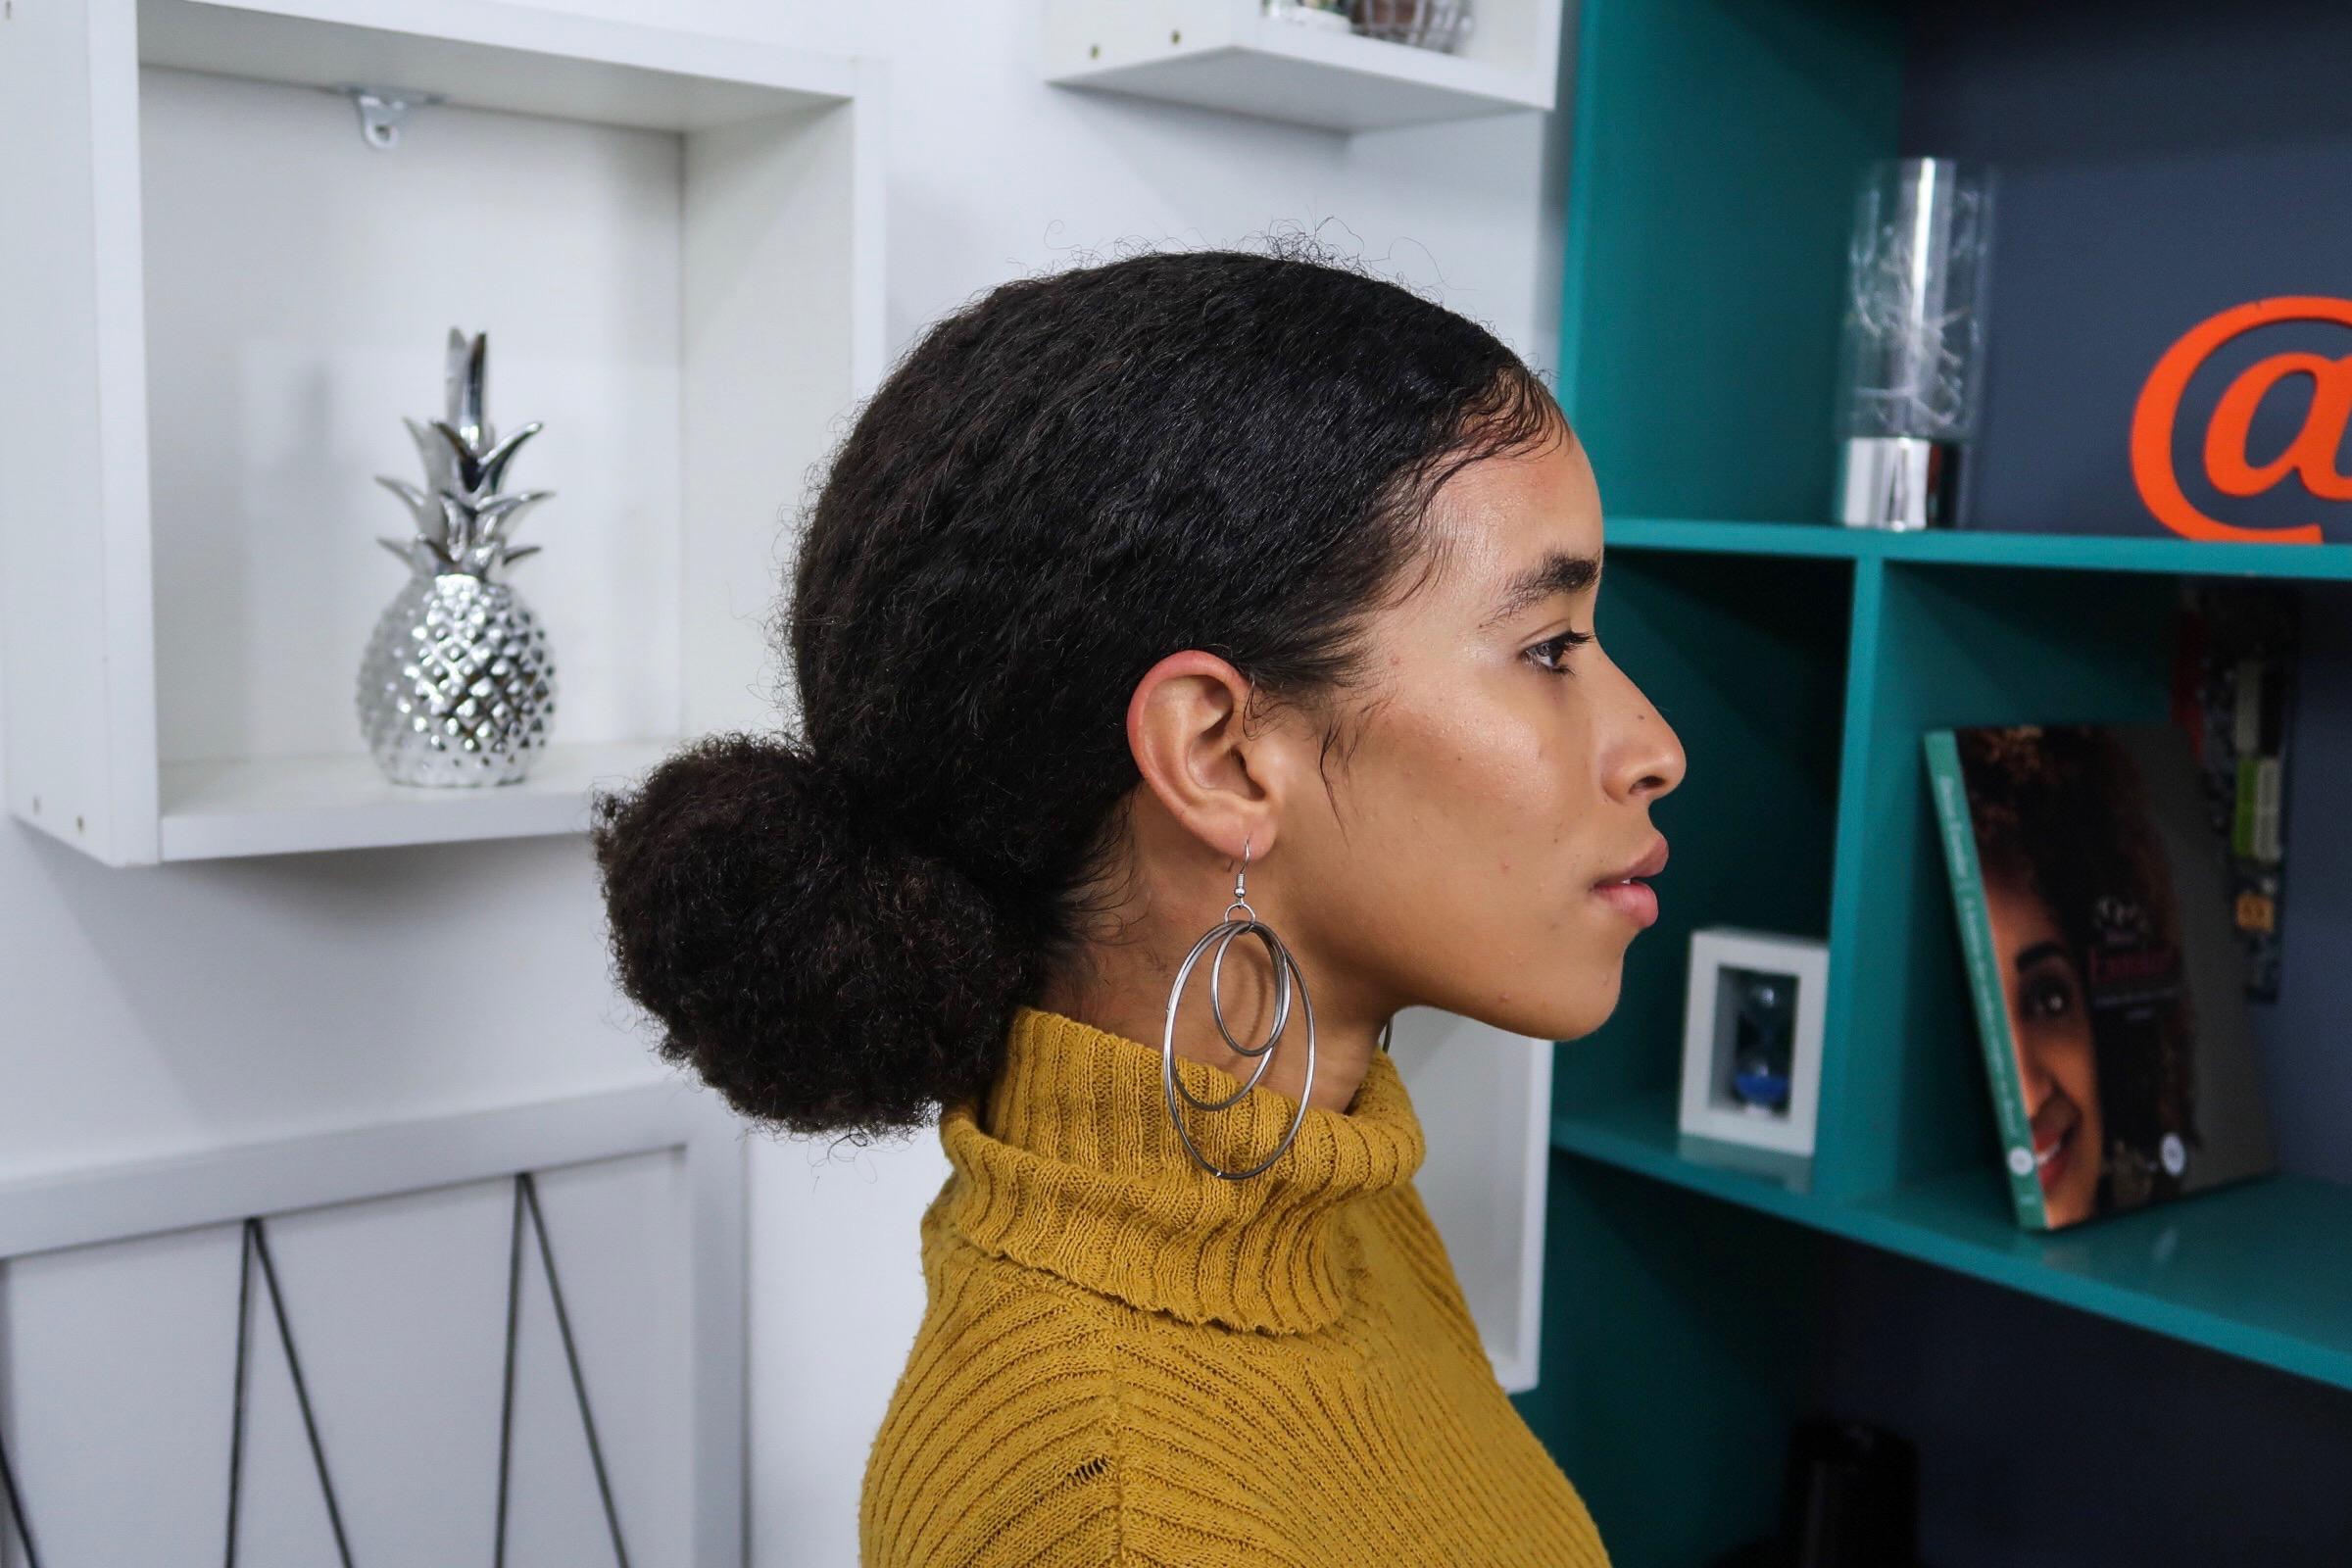 Coque baixo - Todo tipo de coque! Inspire-se nas mais diferentes formas de usar esse penteado mega versátil!